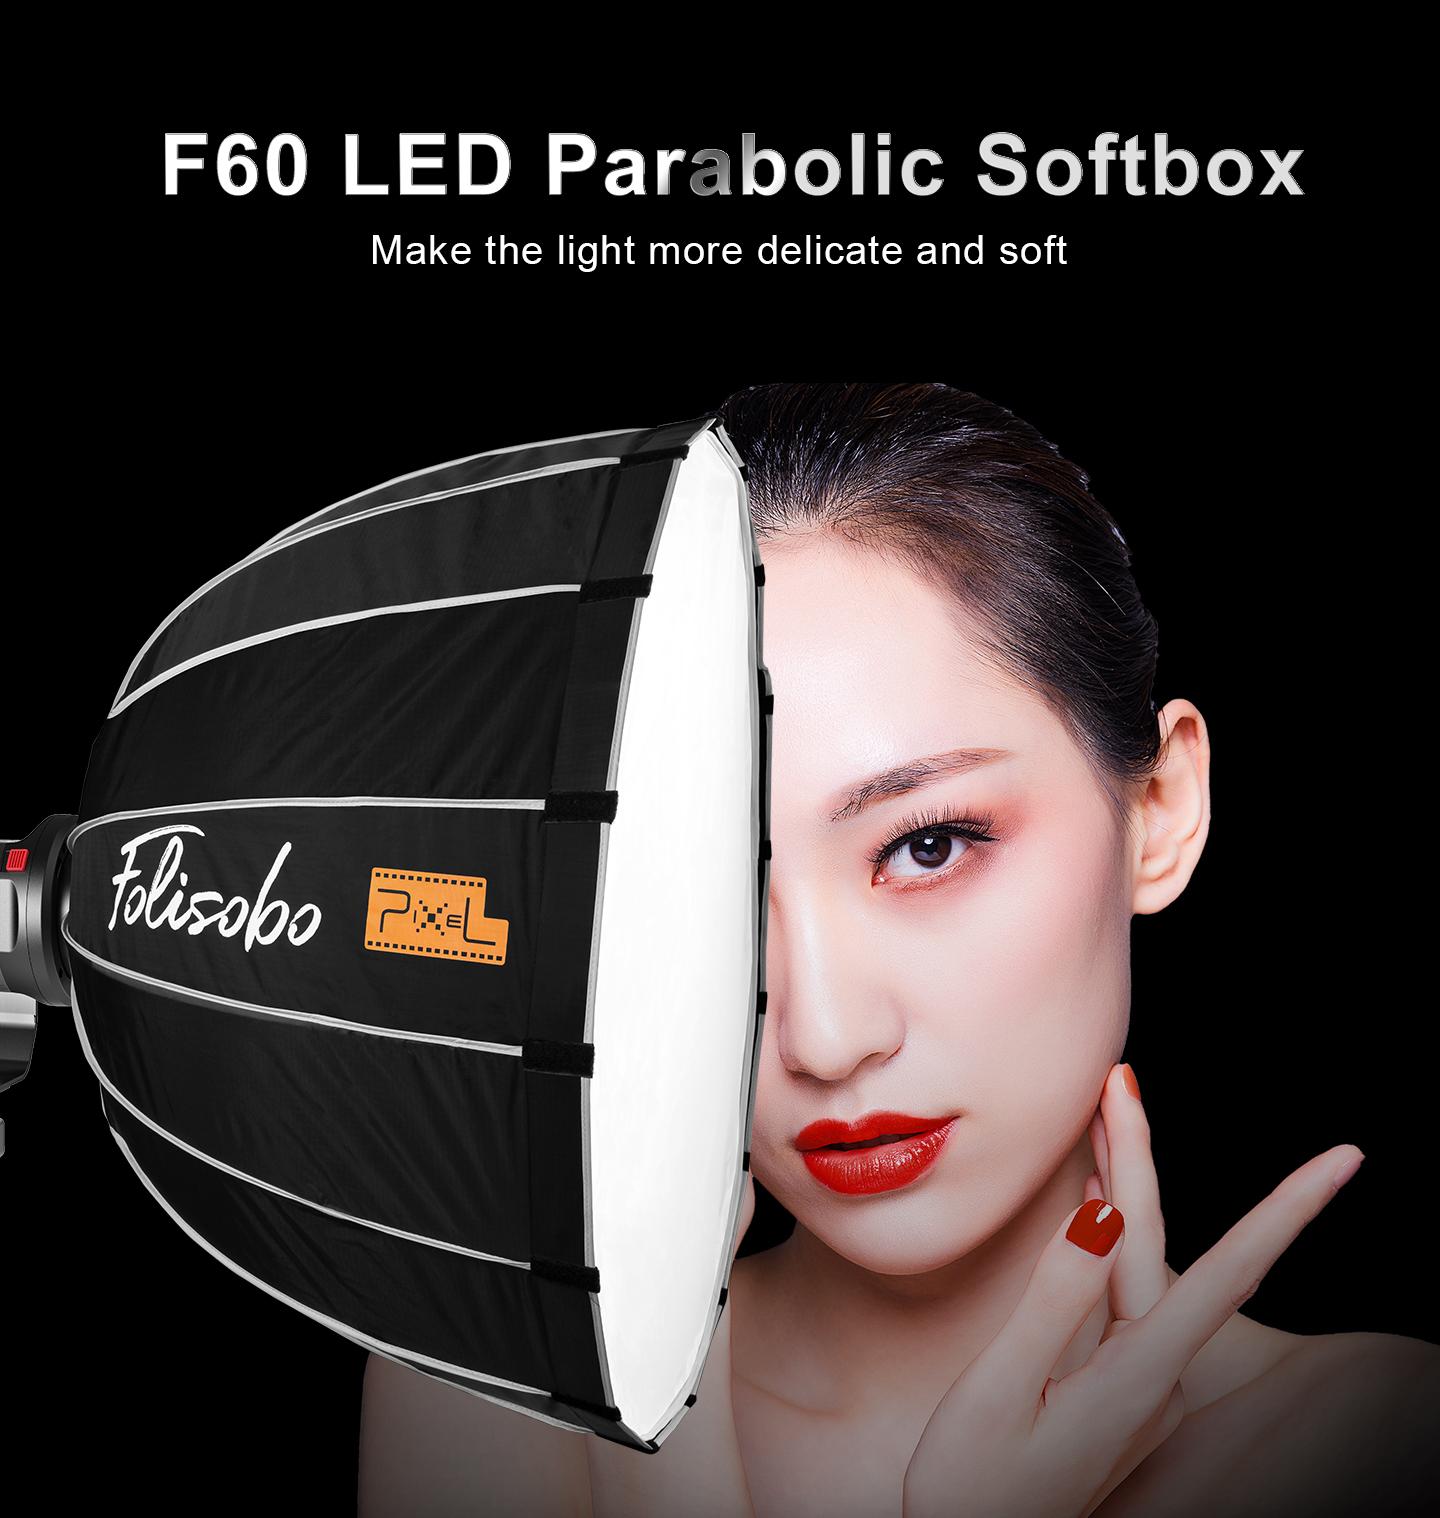 F60 LED Parabolic Softbox